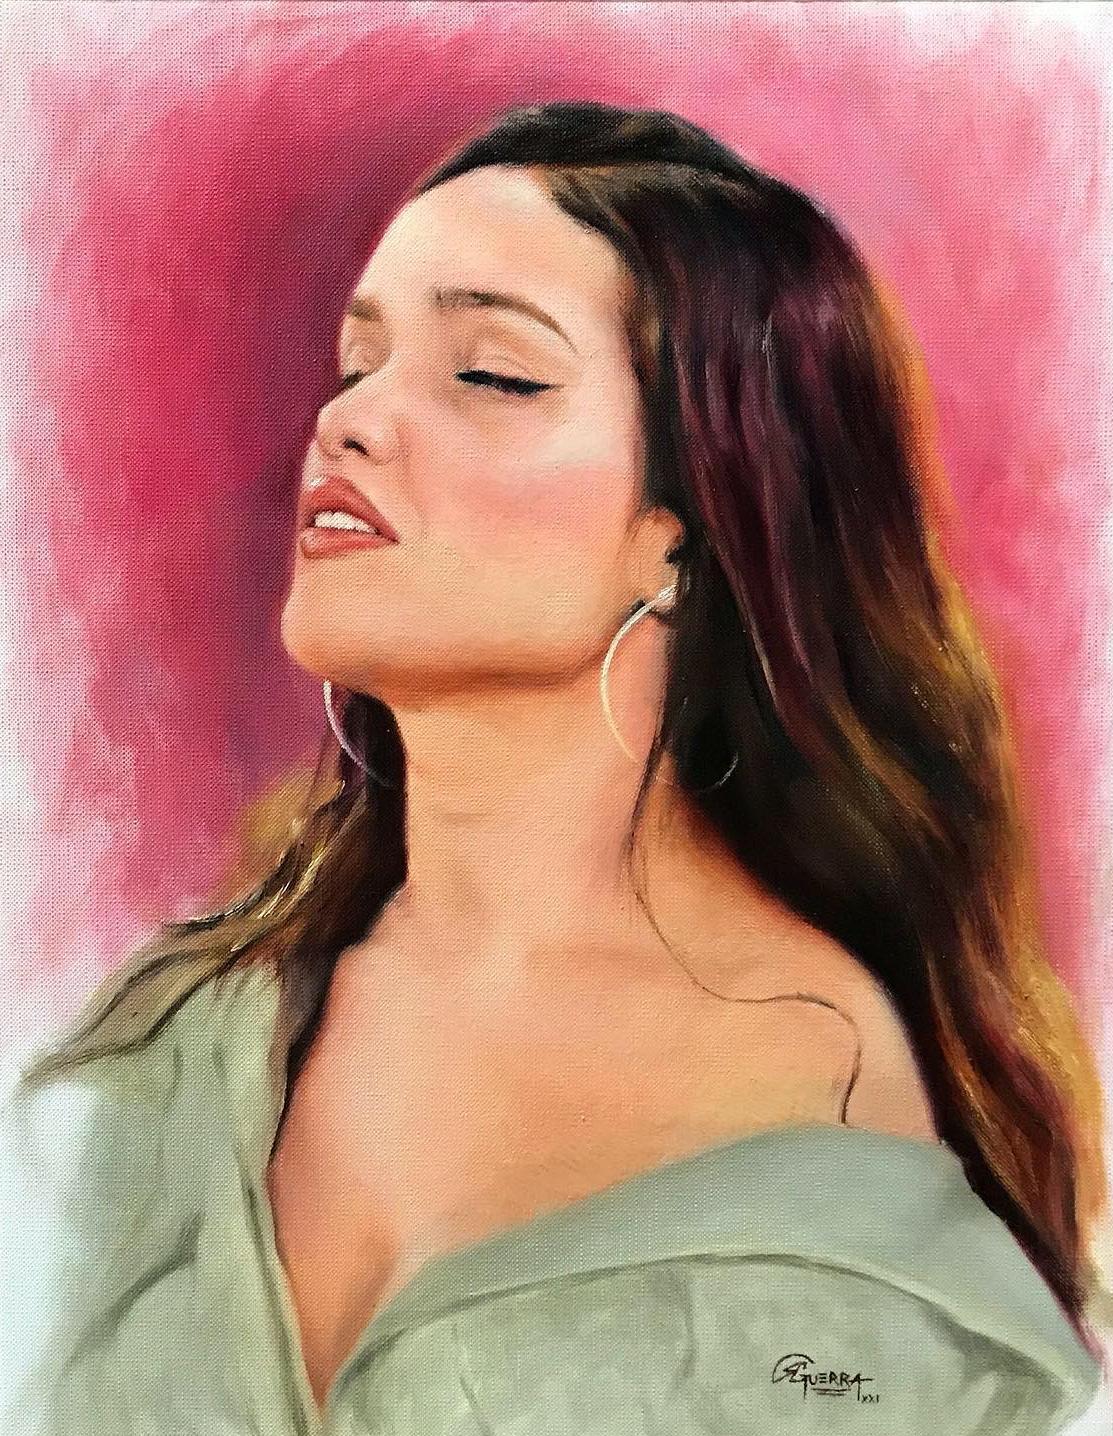 Juliette Freire, Rafael Guerra PinturaRetrato